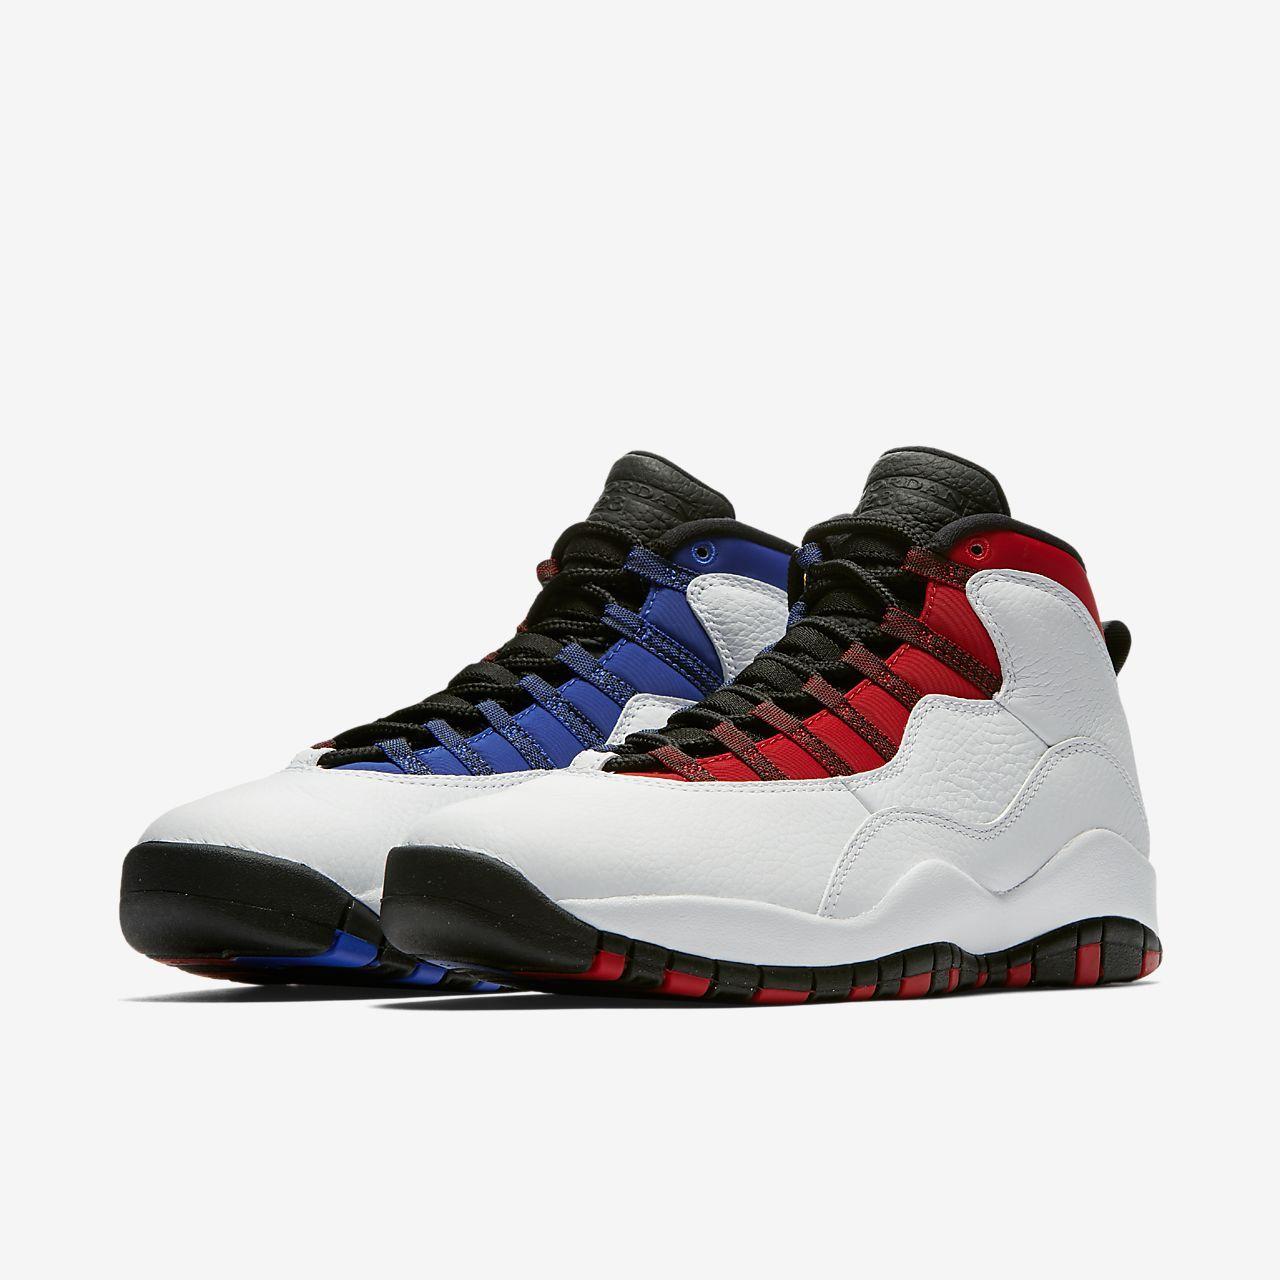 Air Jordan 10 Retro Men's Shoe | Air